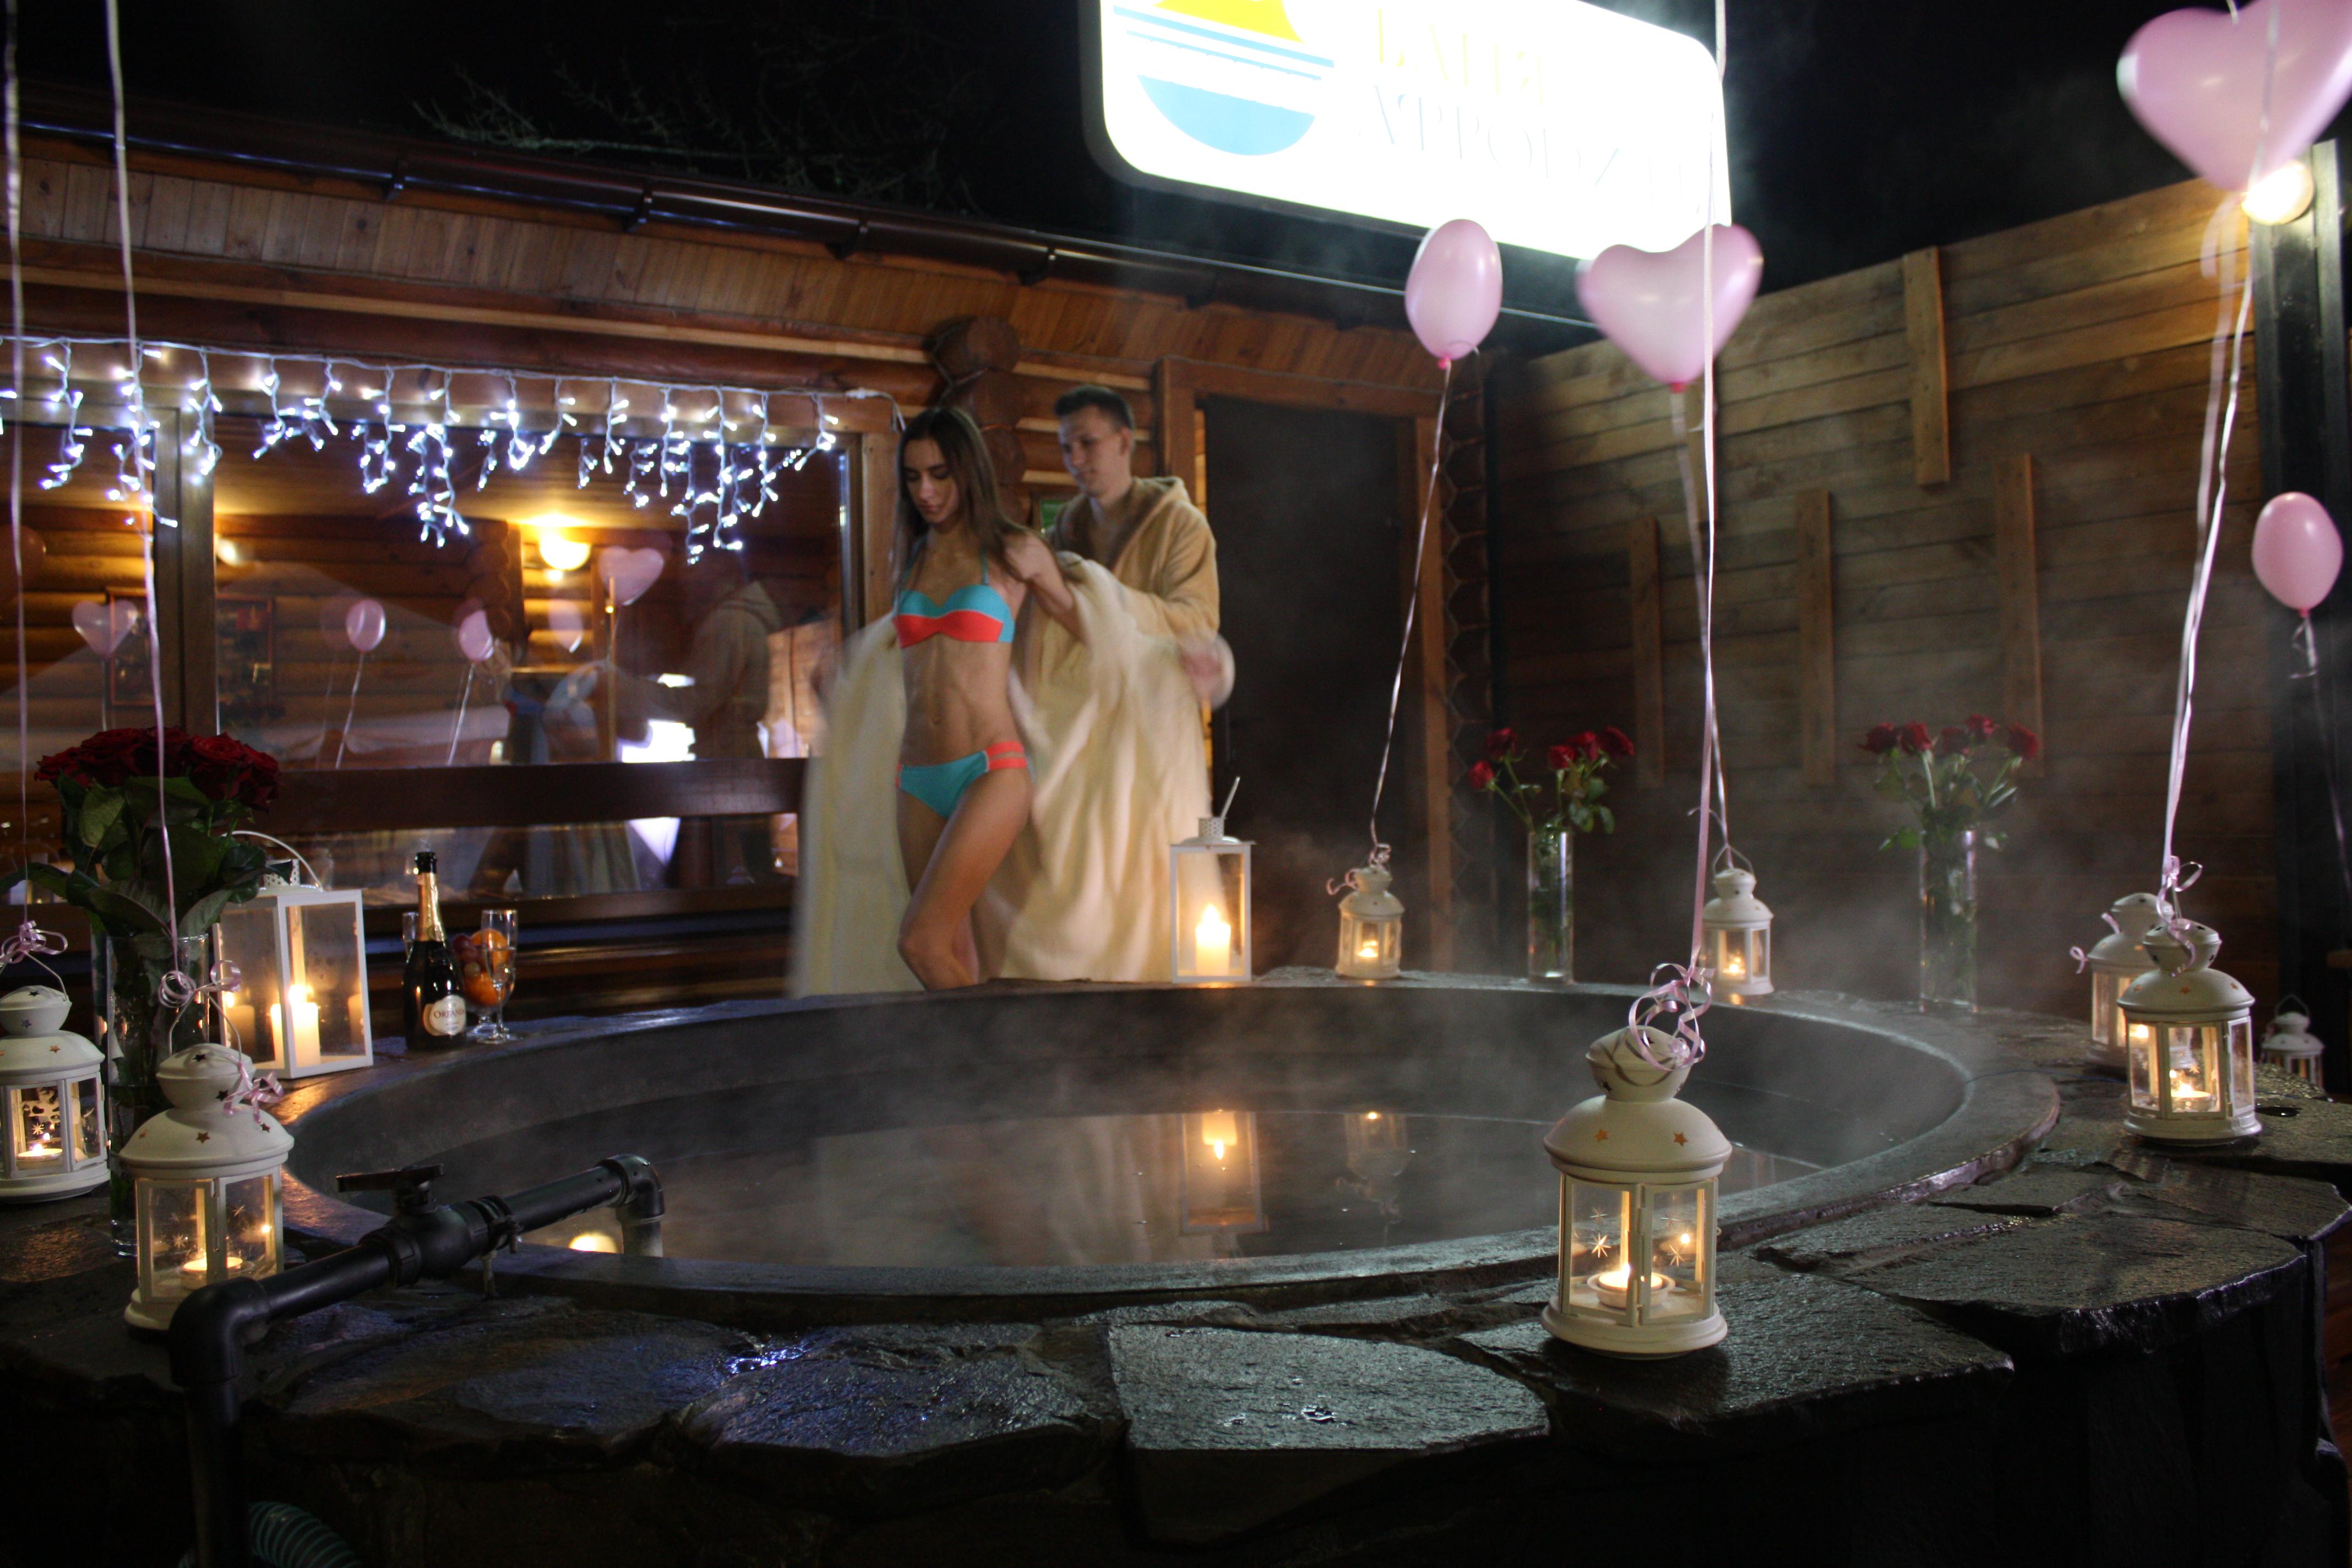 Романтический ужин в горячем чане Афродиты под открытым небом от сервиса романтики Альтечо (6)